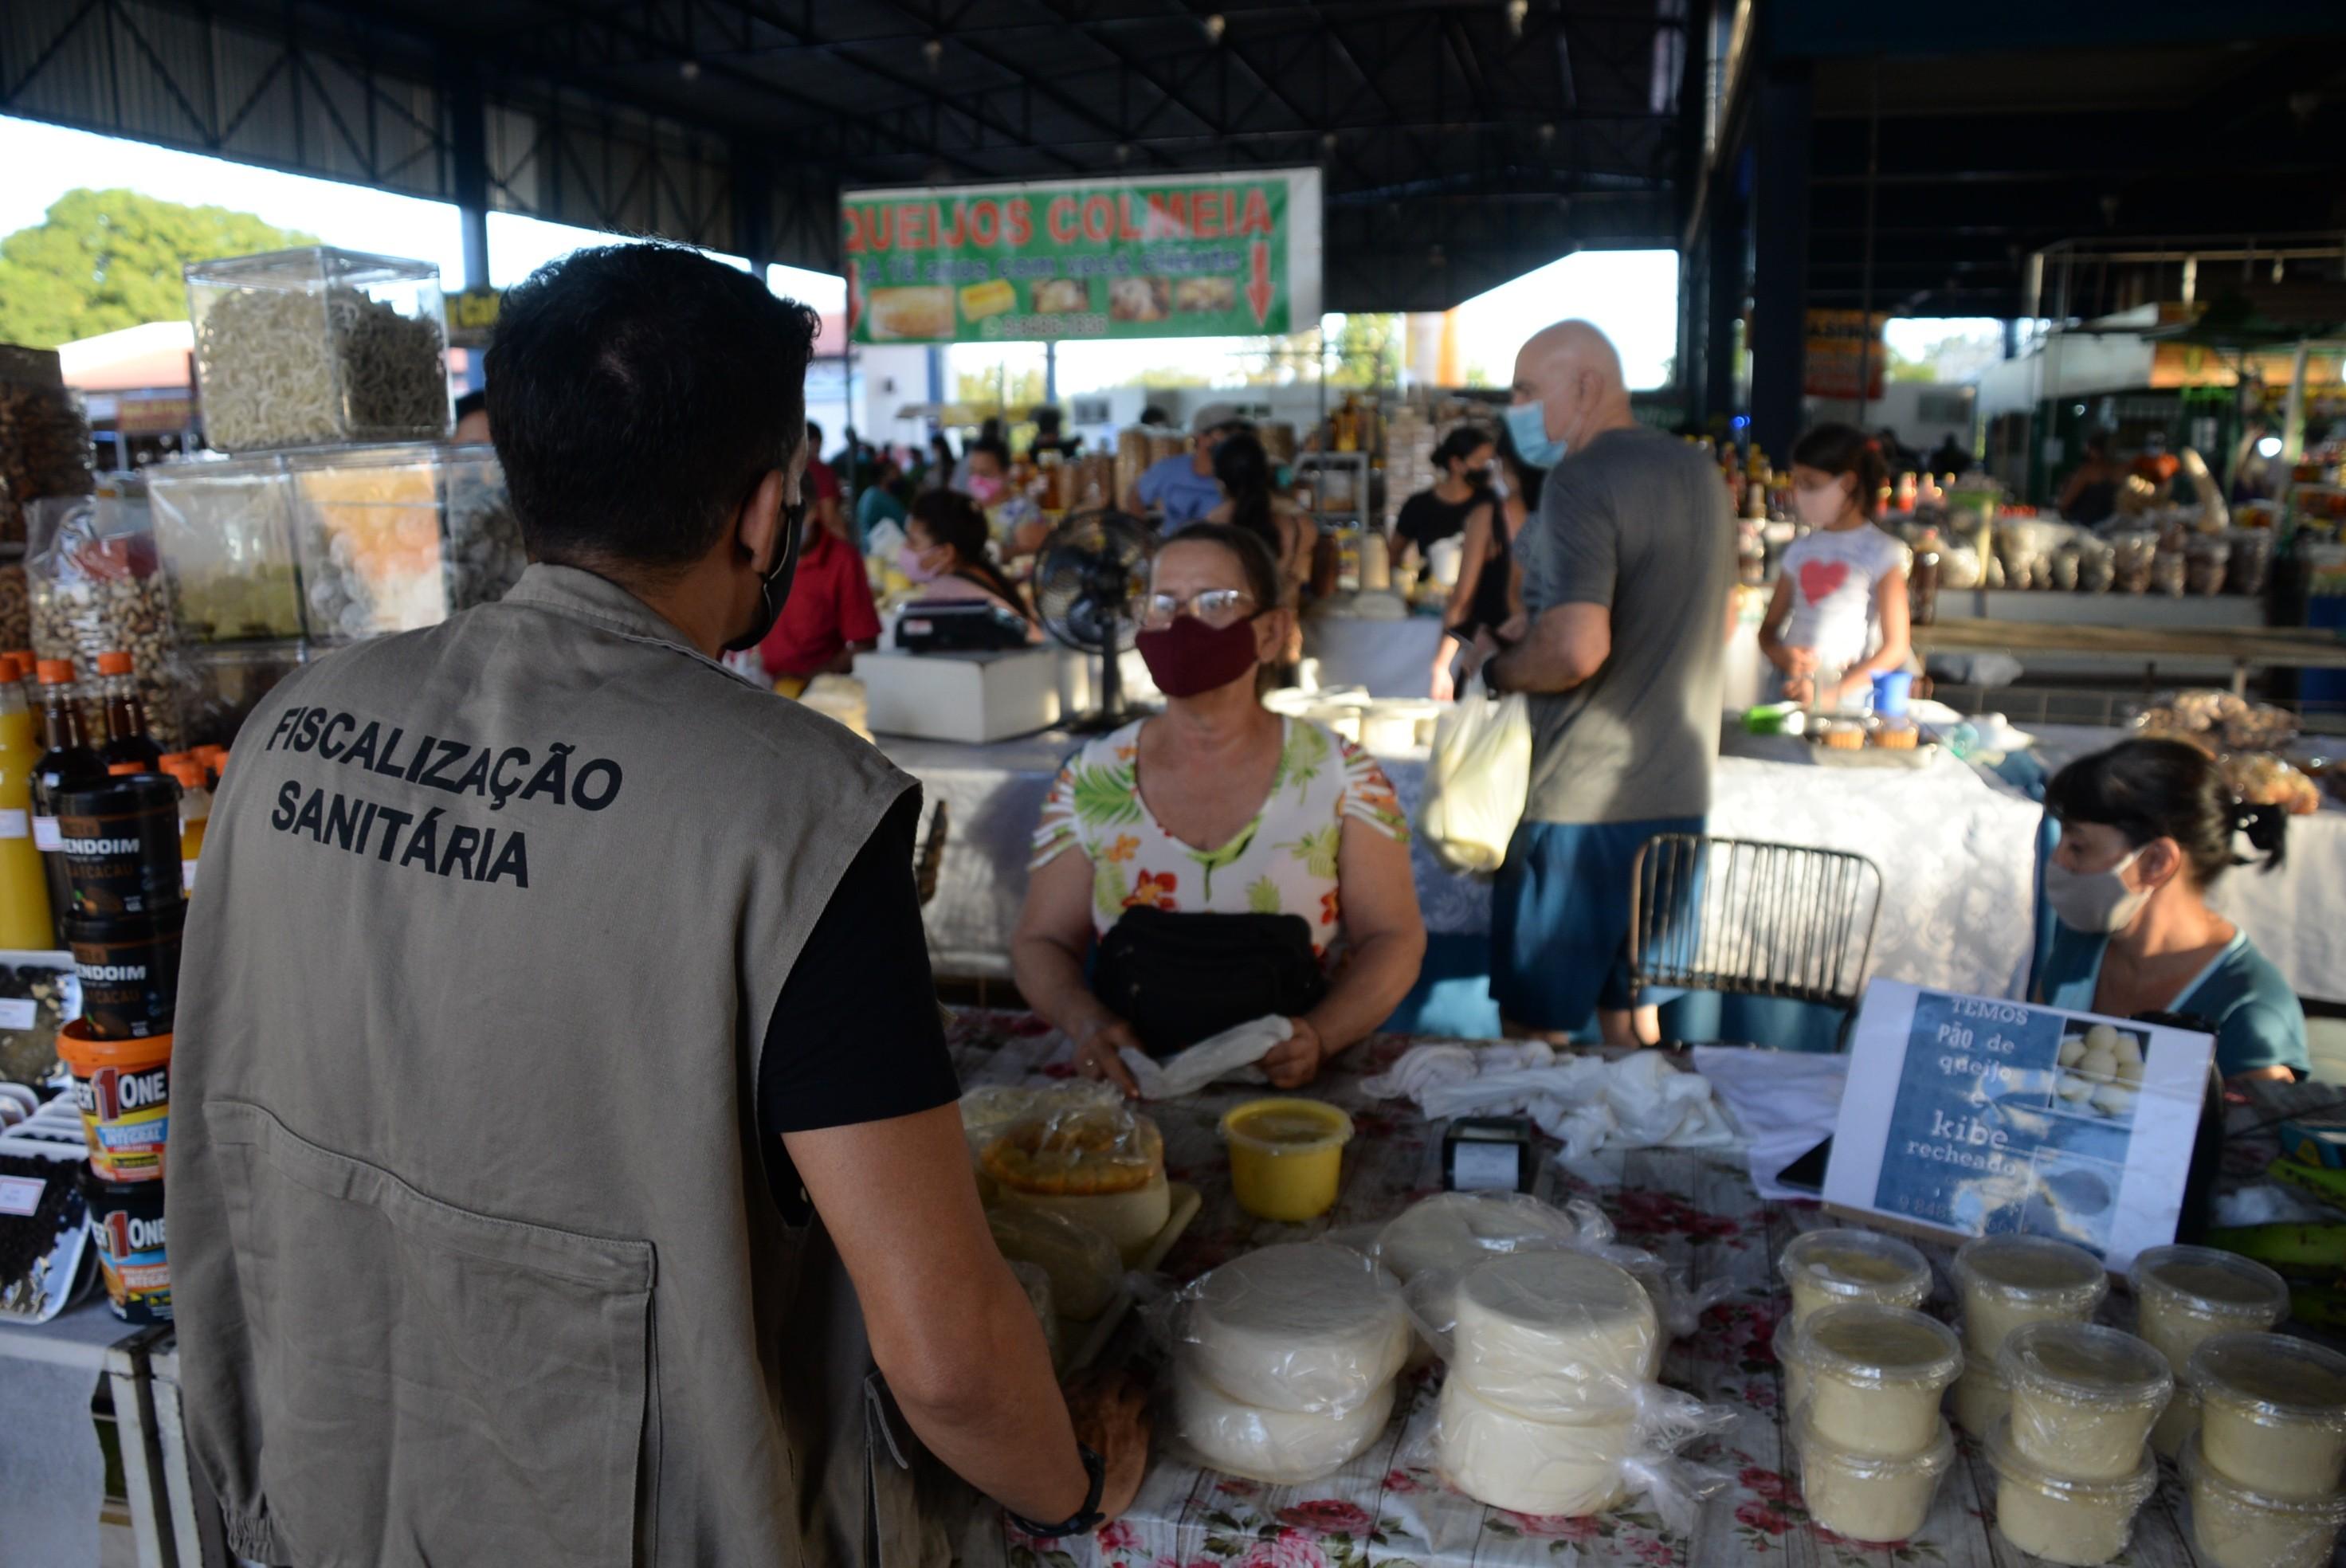 Vigilância Sanitária faz fiscalização e encontra aglomerações na feira do centro de Palmas